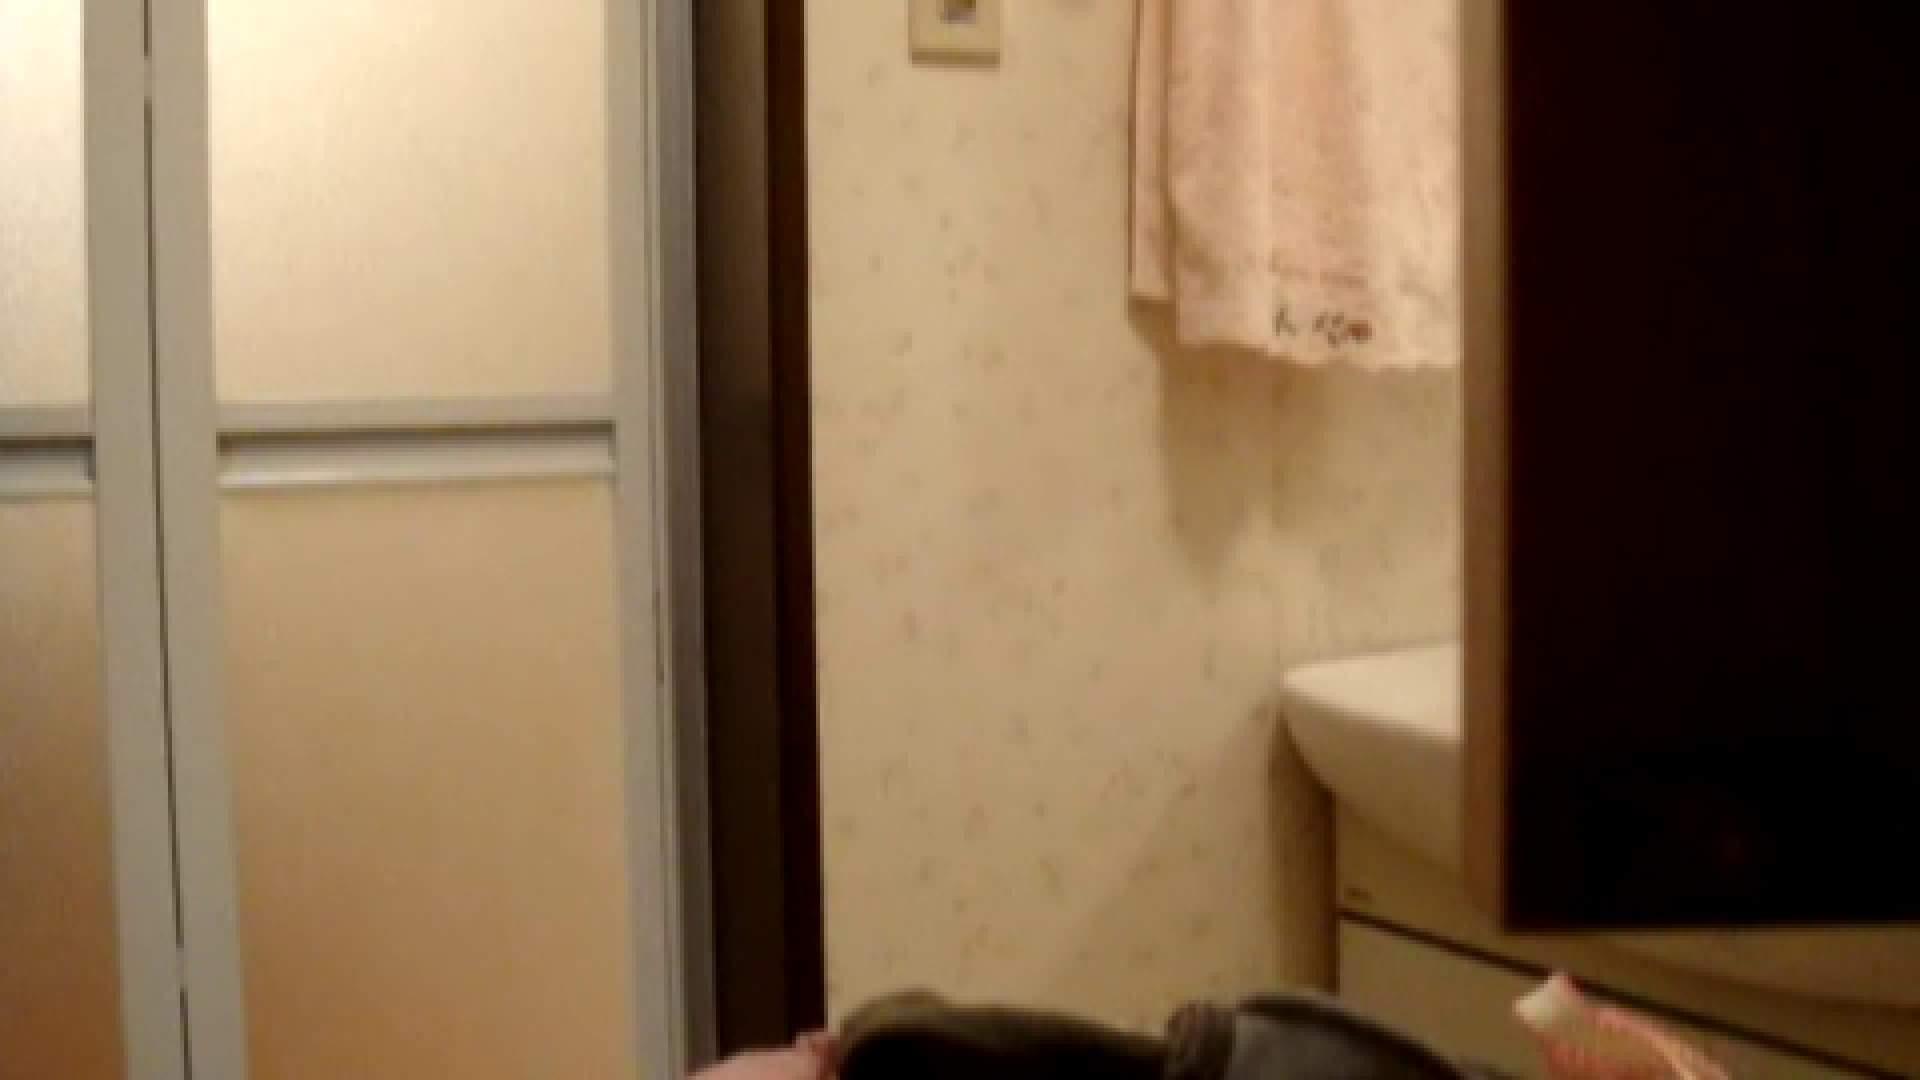 二人とも育てた甲斐がありました… vol.08 まどかの入浴中にカメラに気付いたか!? OLのエロ生活  71連発 58